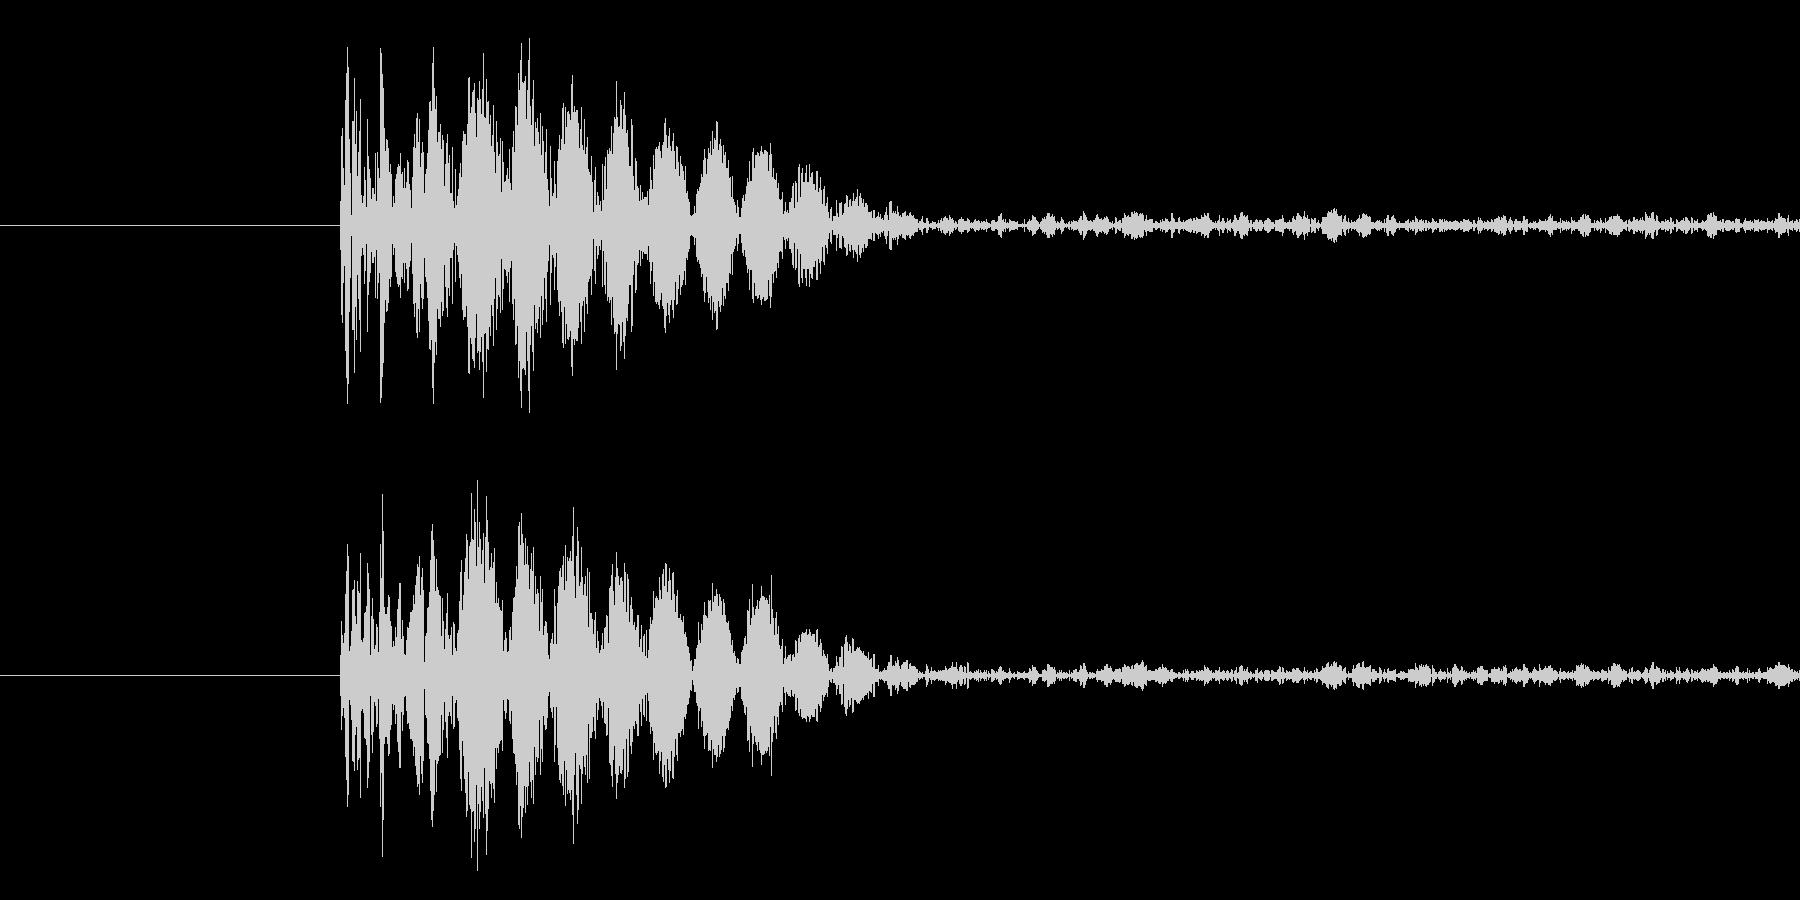 バラエティ・ゲーム的なパンチ音の未再生の波形